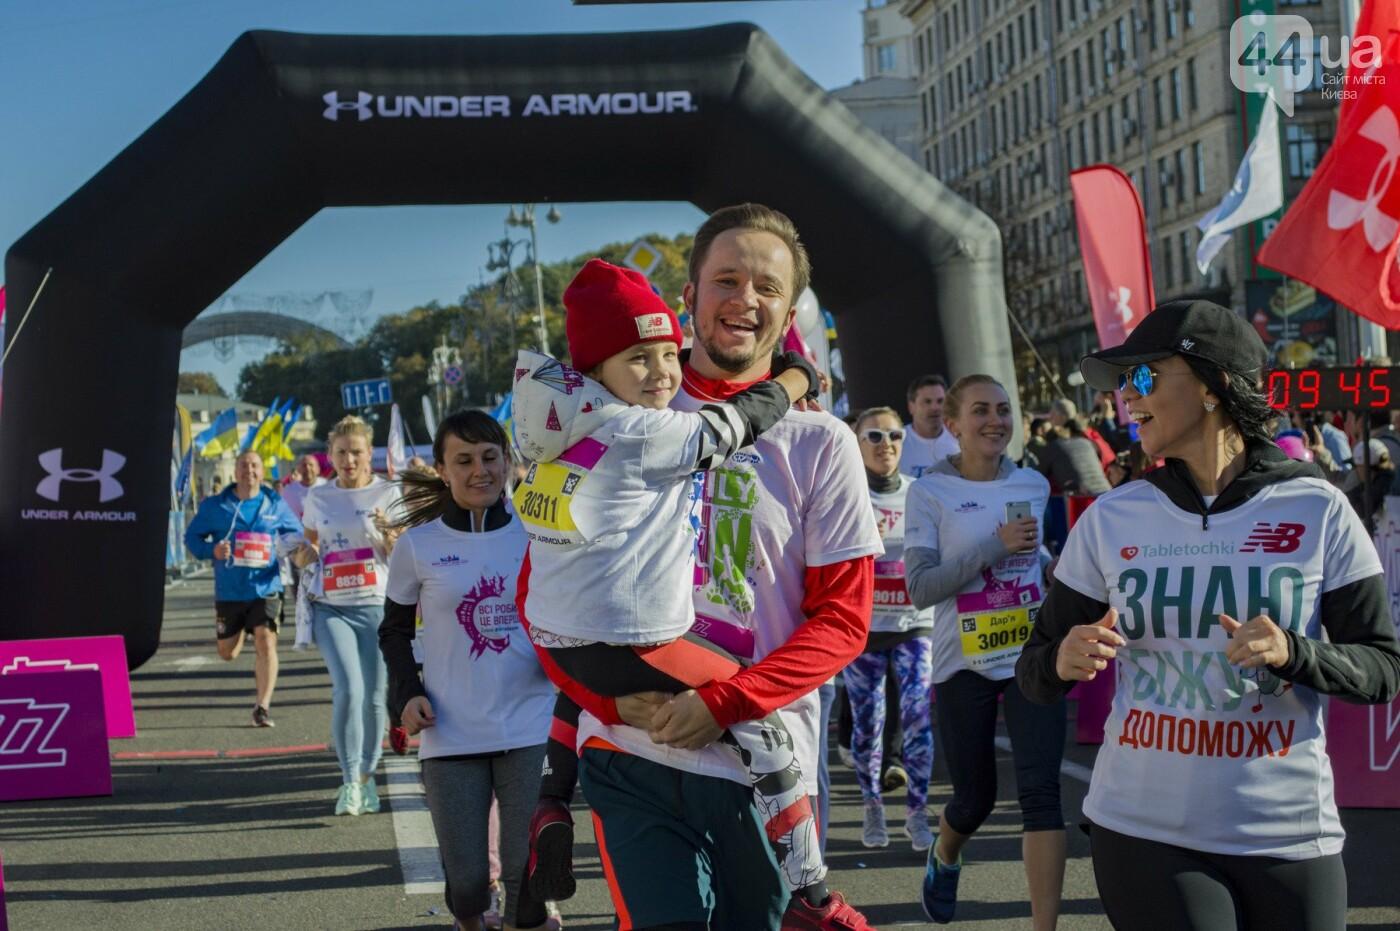 В центре Киева тысячи семей, детей и воинов АТО пробежали марафон, - ФОТОРЕПОРТАЖ, фото-17